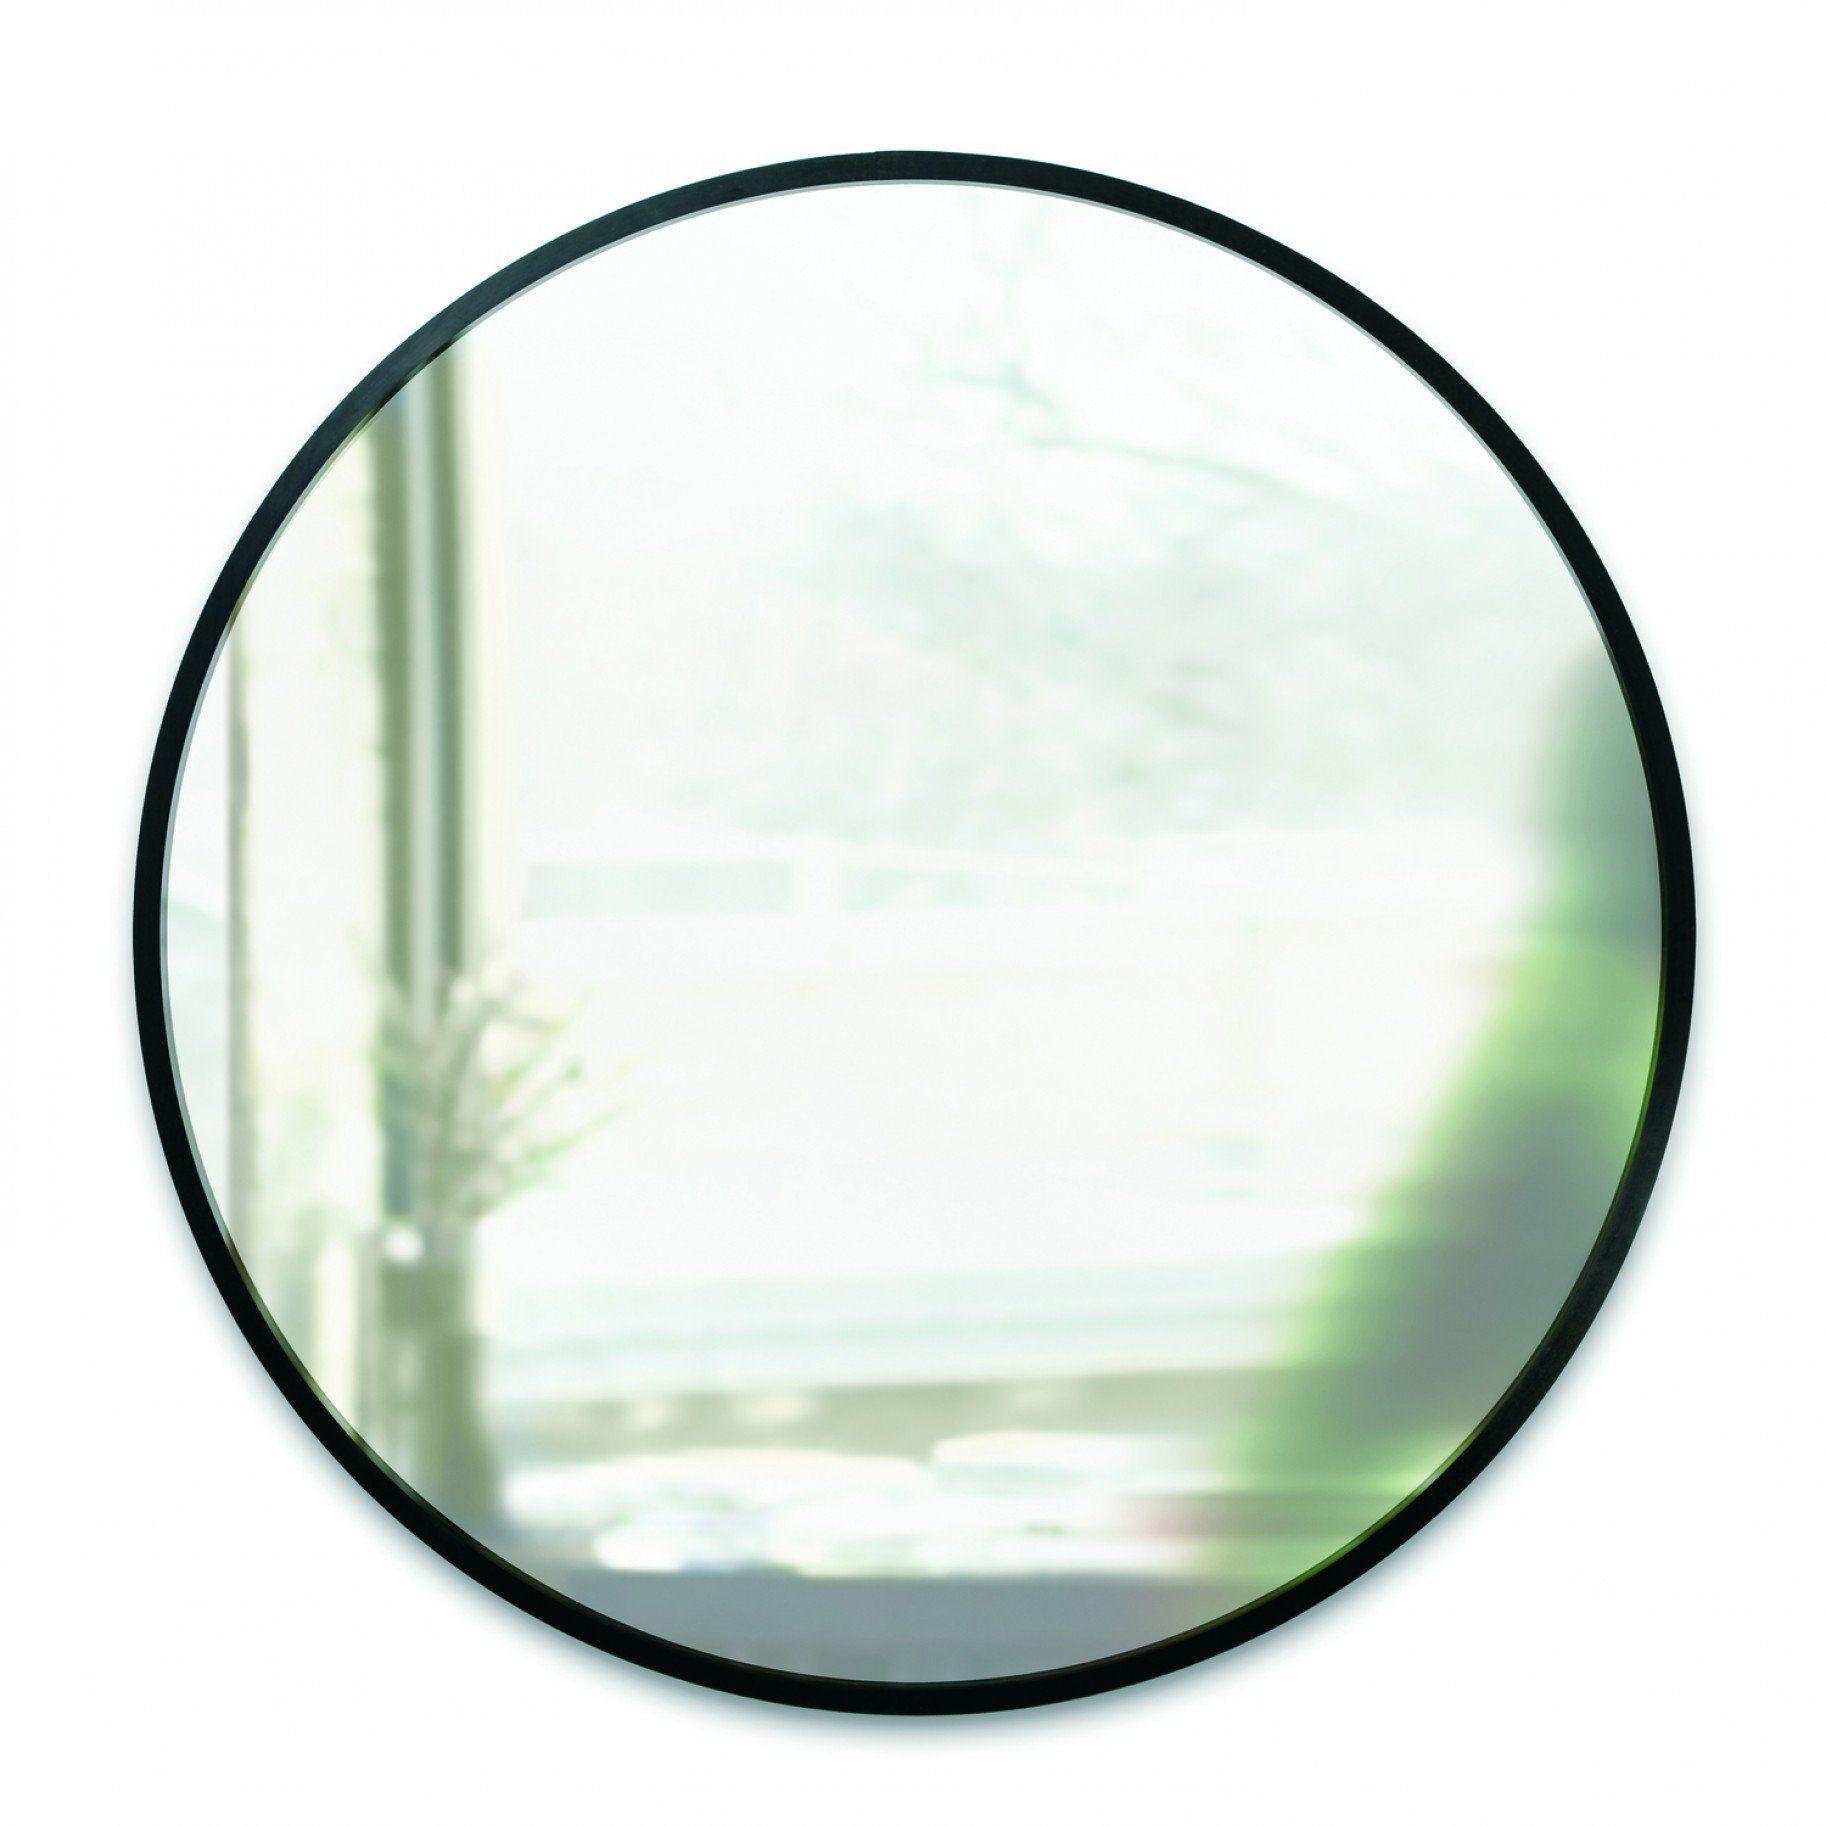 36 inch round mirror frameless round mirror umbra collection hub 36